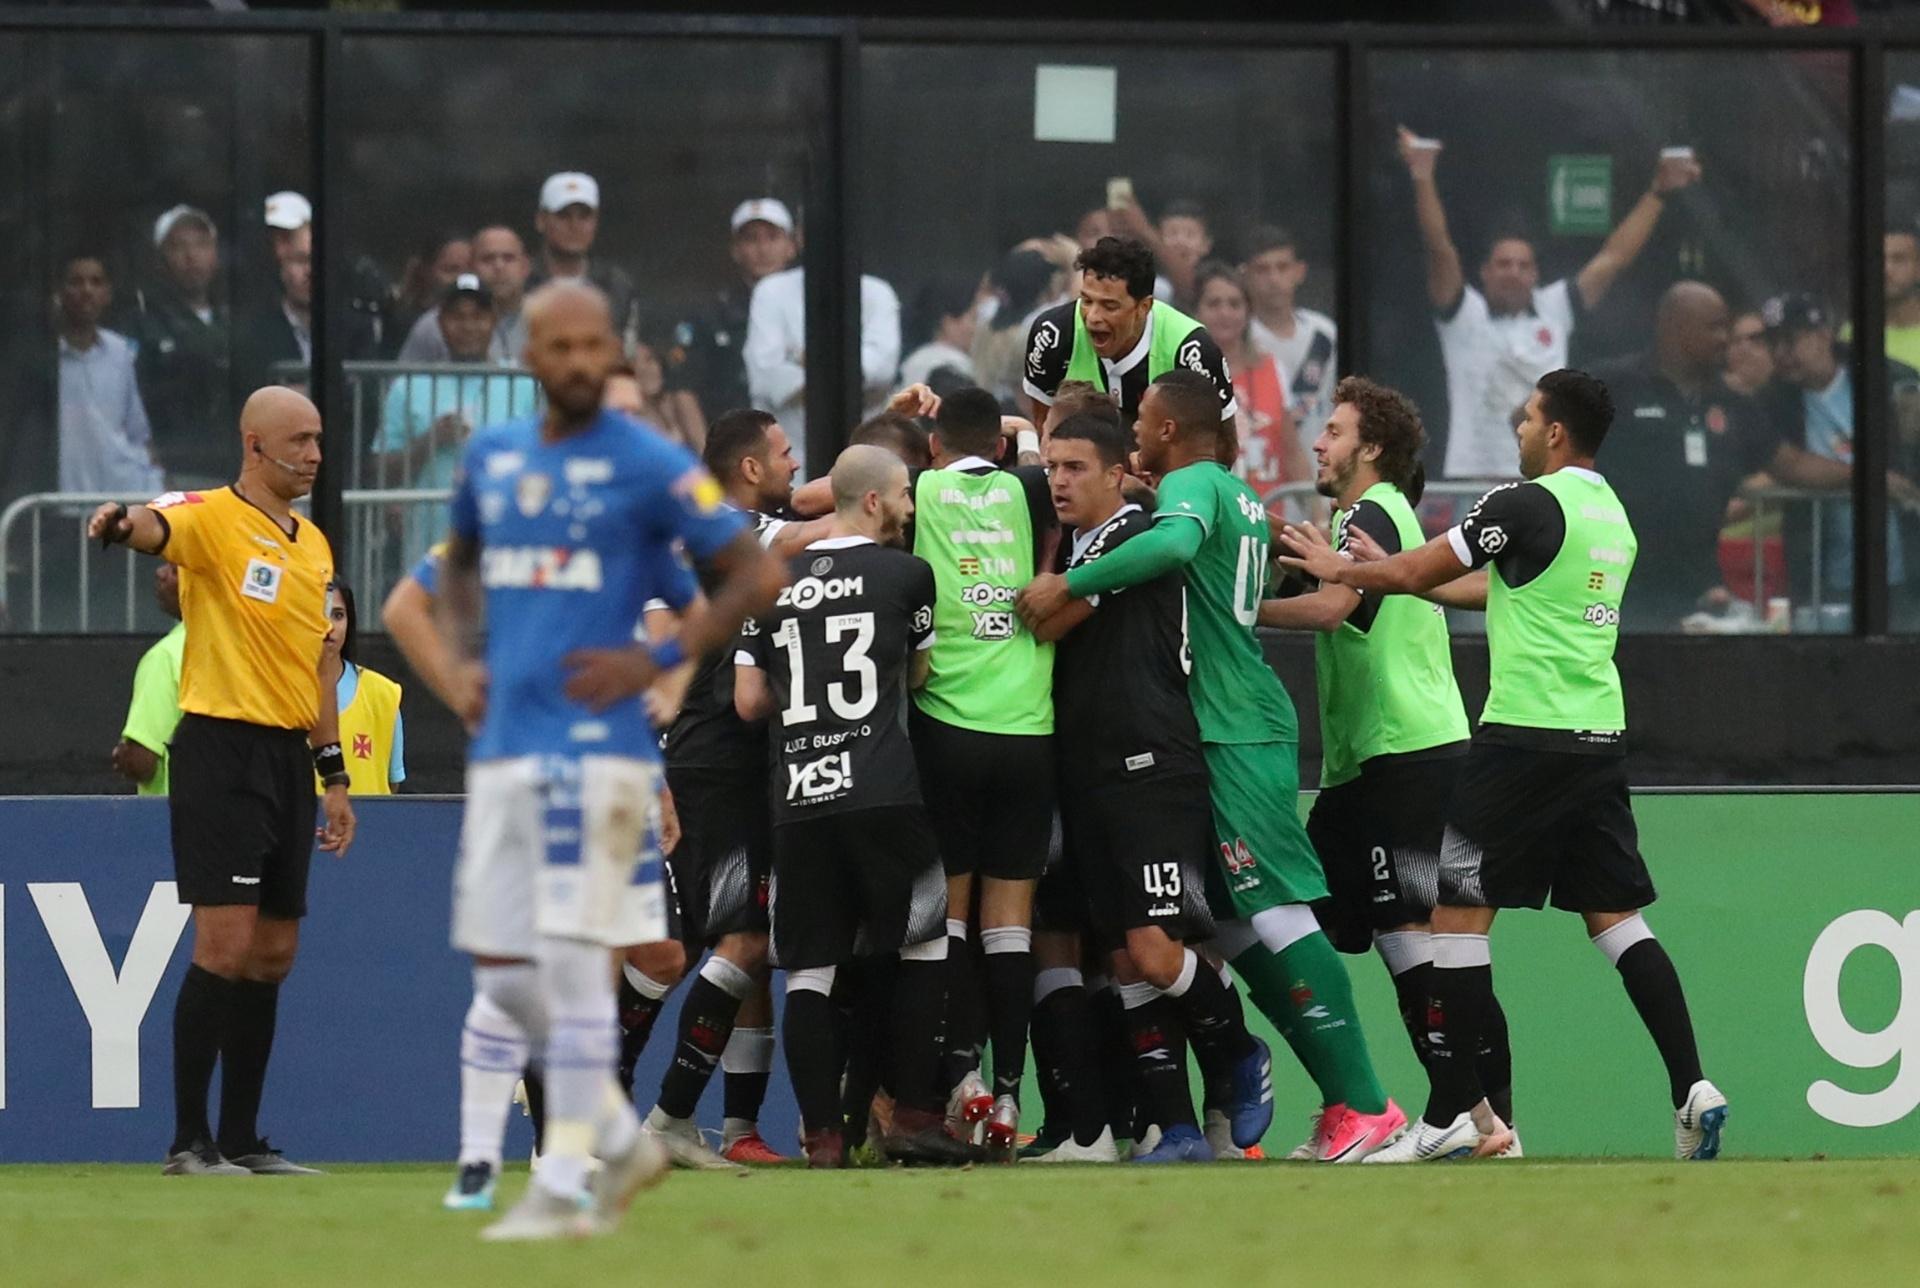 Vasco tem números de líder em São Januário e aposta nisso contra degola -  Esporte - BOL cab149ae4e3e0